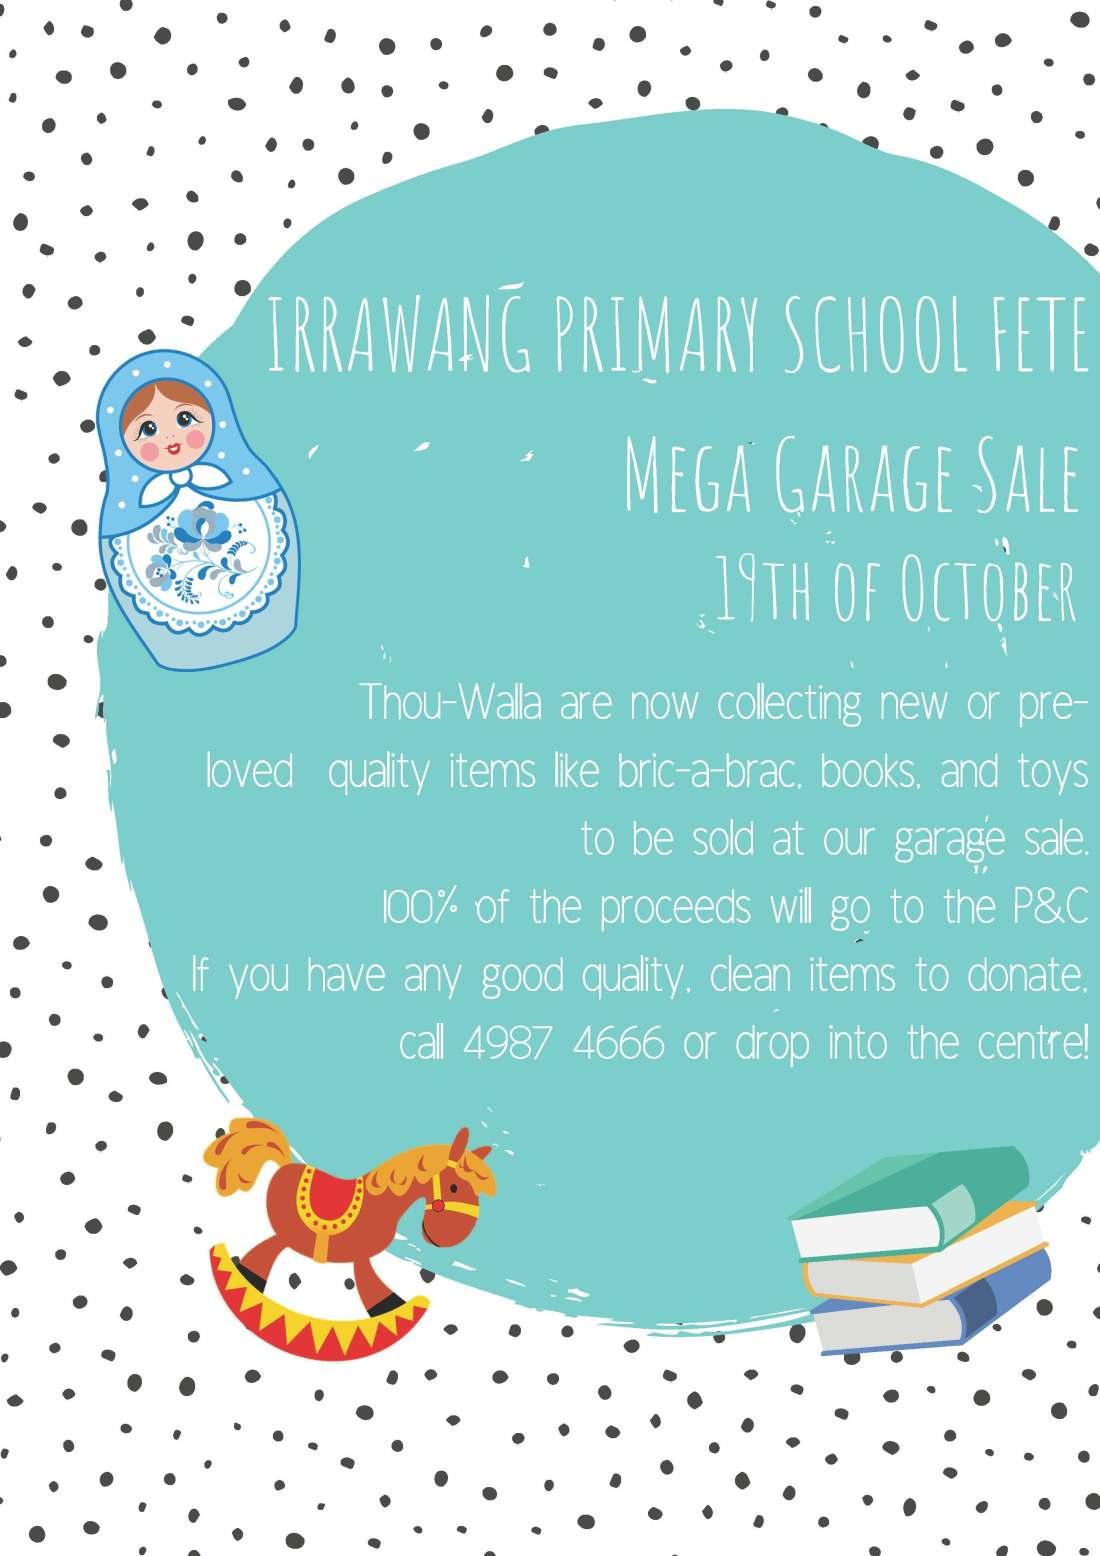 Irrawang primary school fete